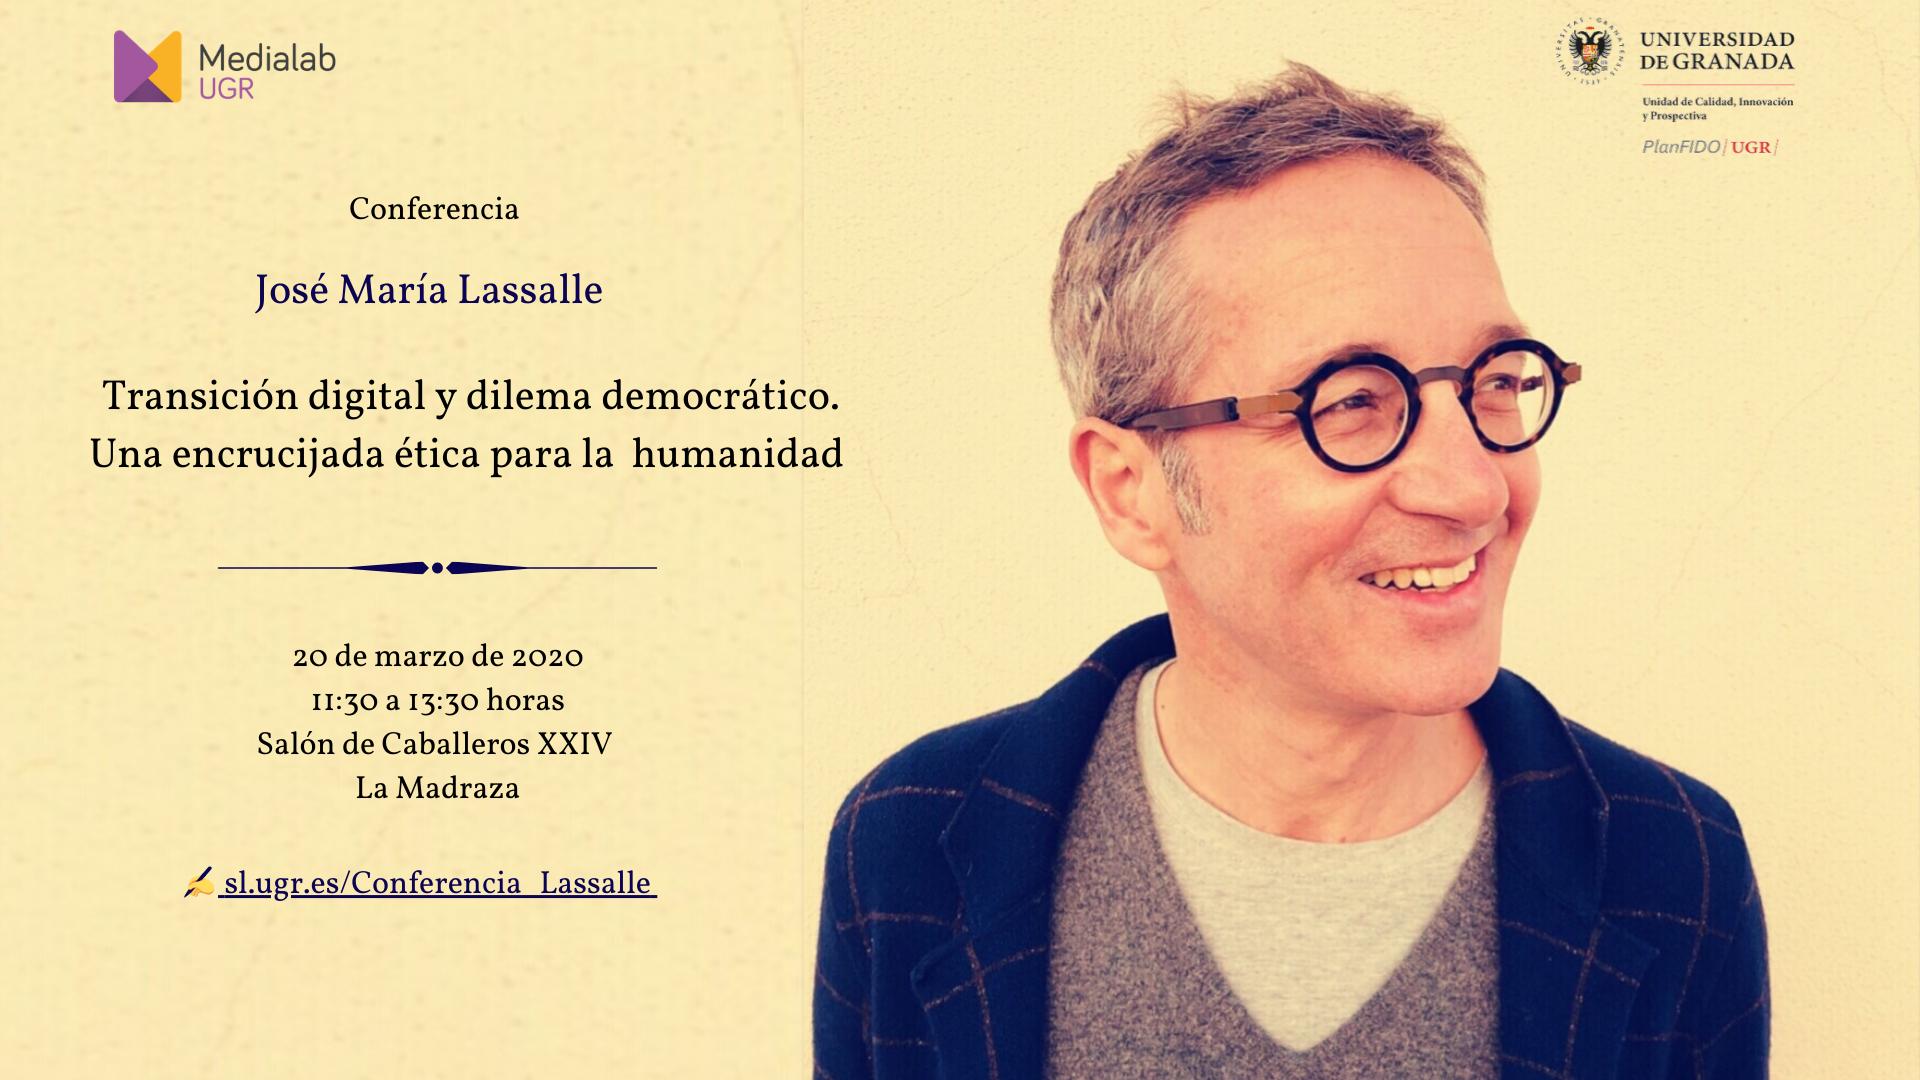 Conferencia de José María Lassalle: Transición digital y dilema democrático. Una encrucijada ética para la humanidad